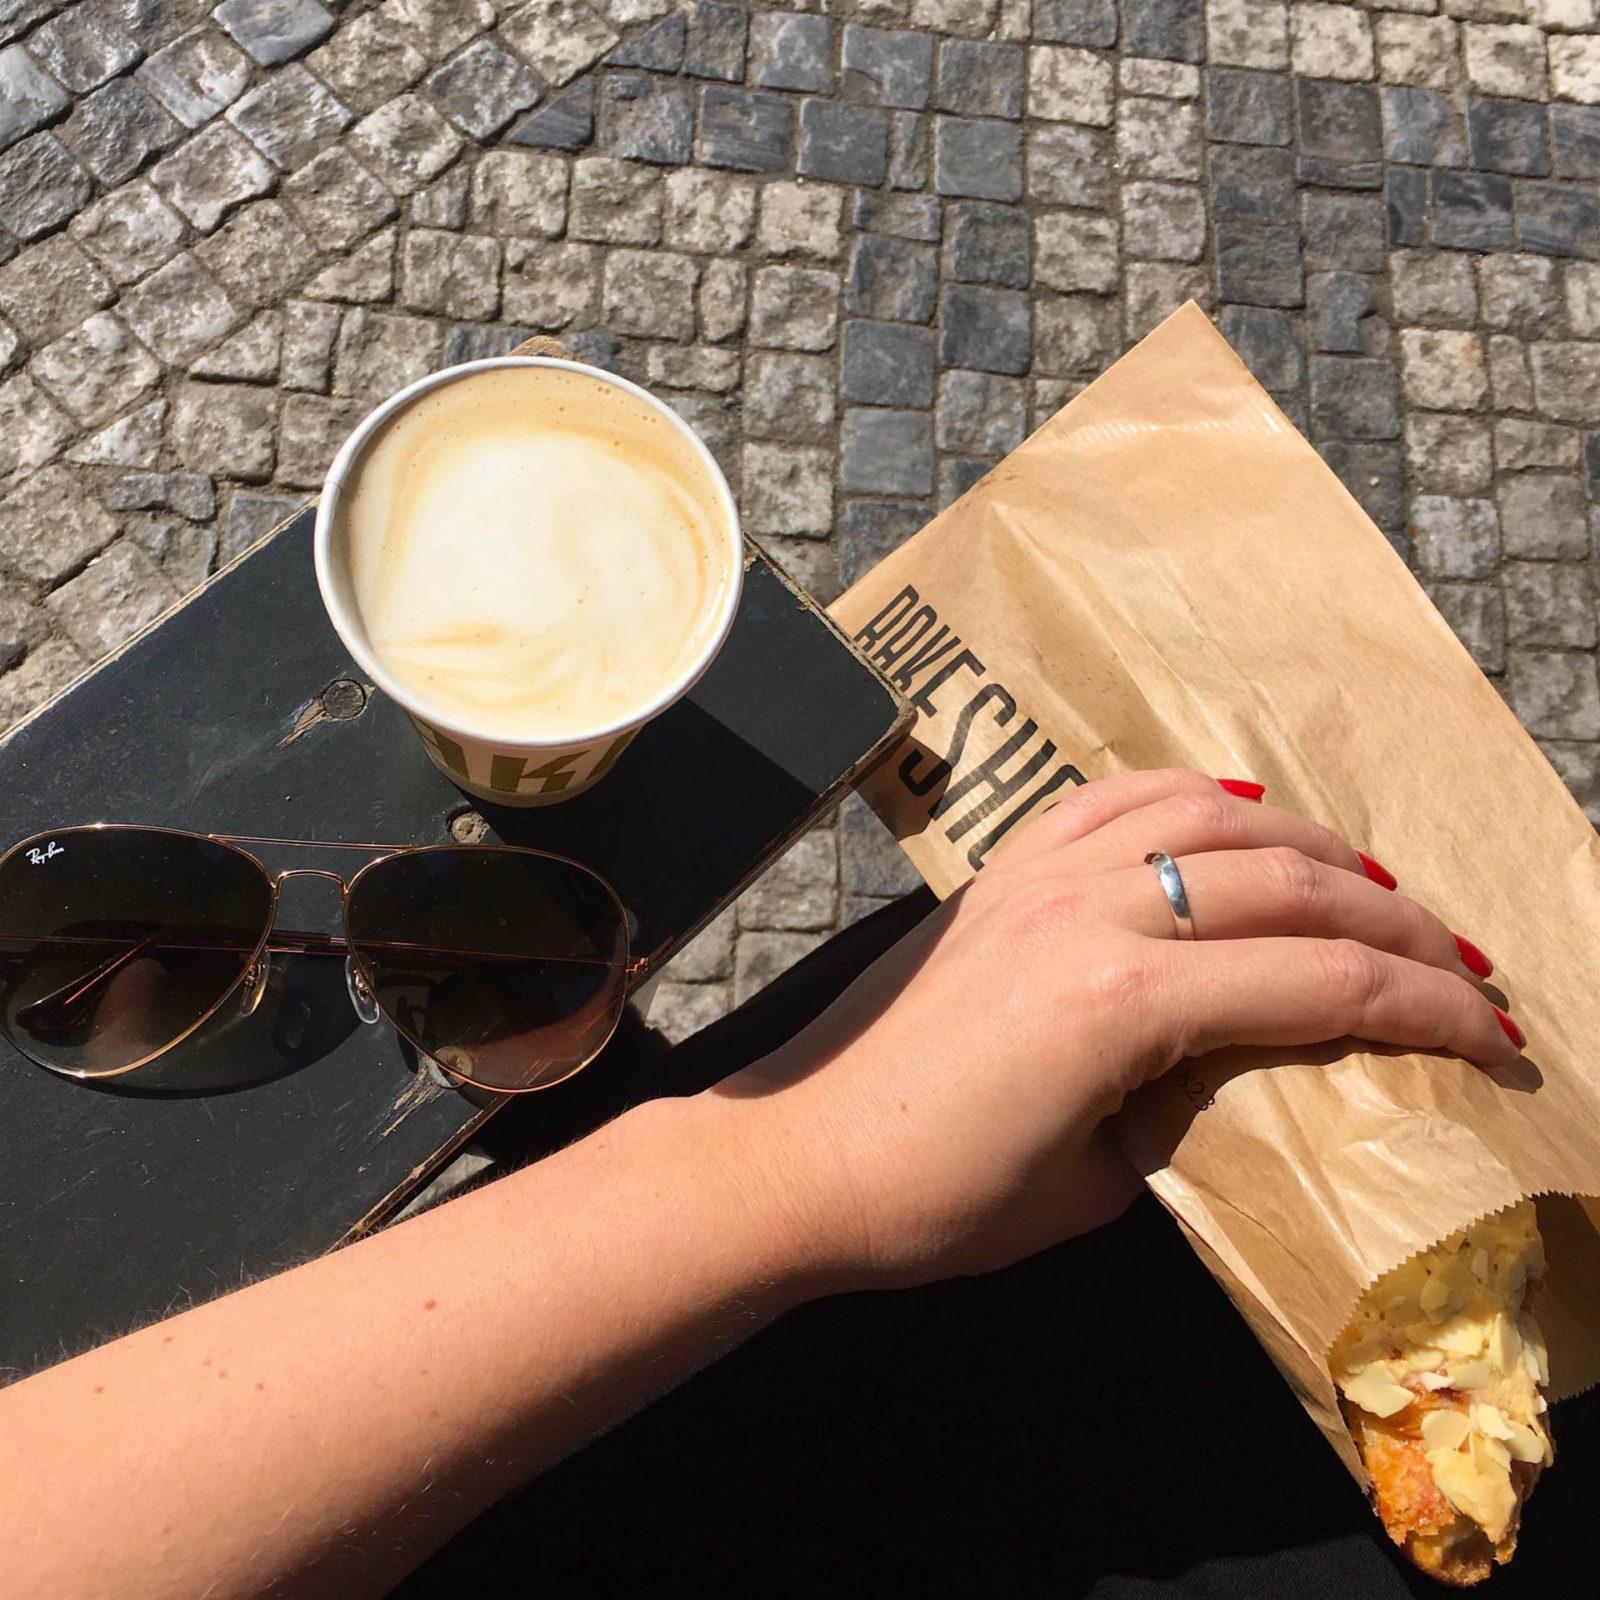 croissant - Places to Eat in Prague - StefanieGrace.com